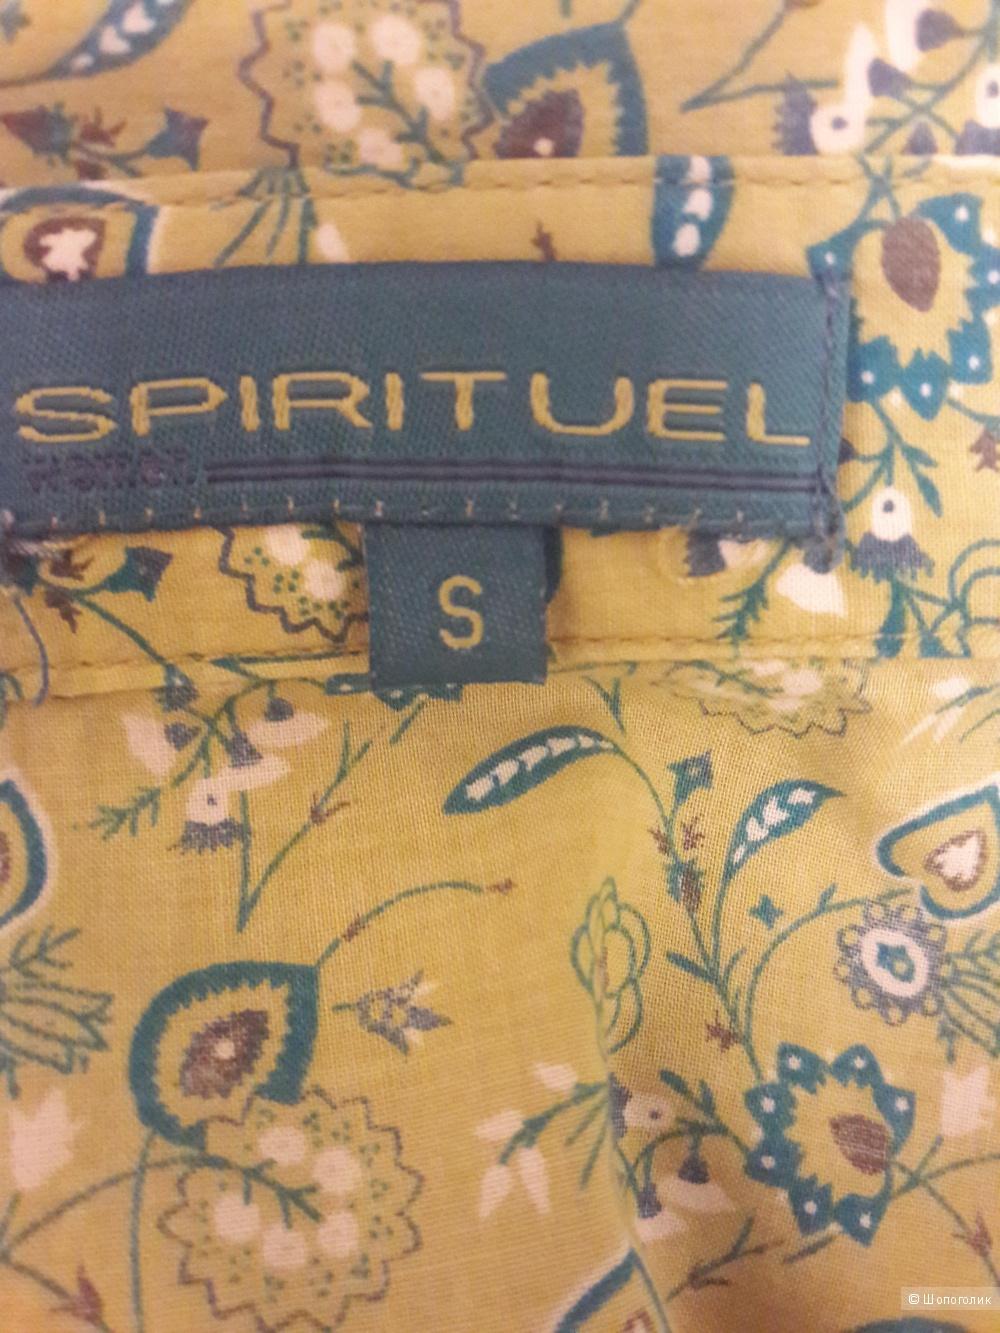 Spirituel: салатовая рубашка в мелкий цветочный принт, S